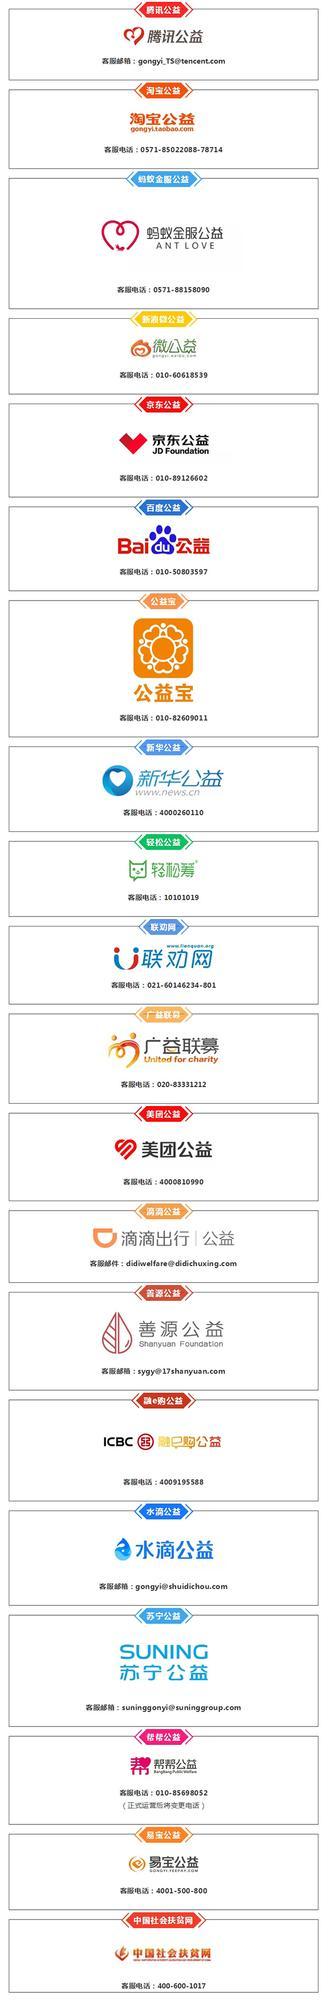 20家平台将为慈善组织提供募捐信息发布服务